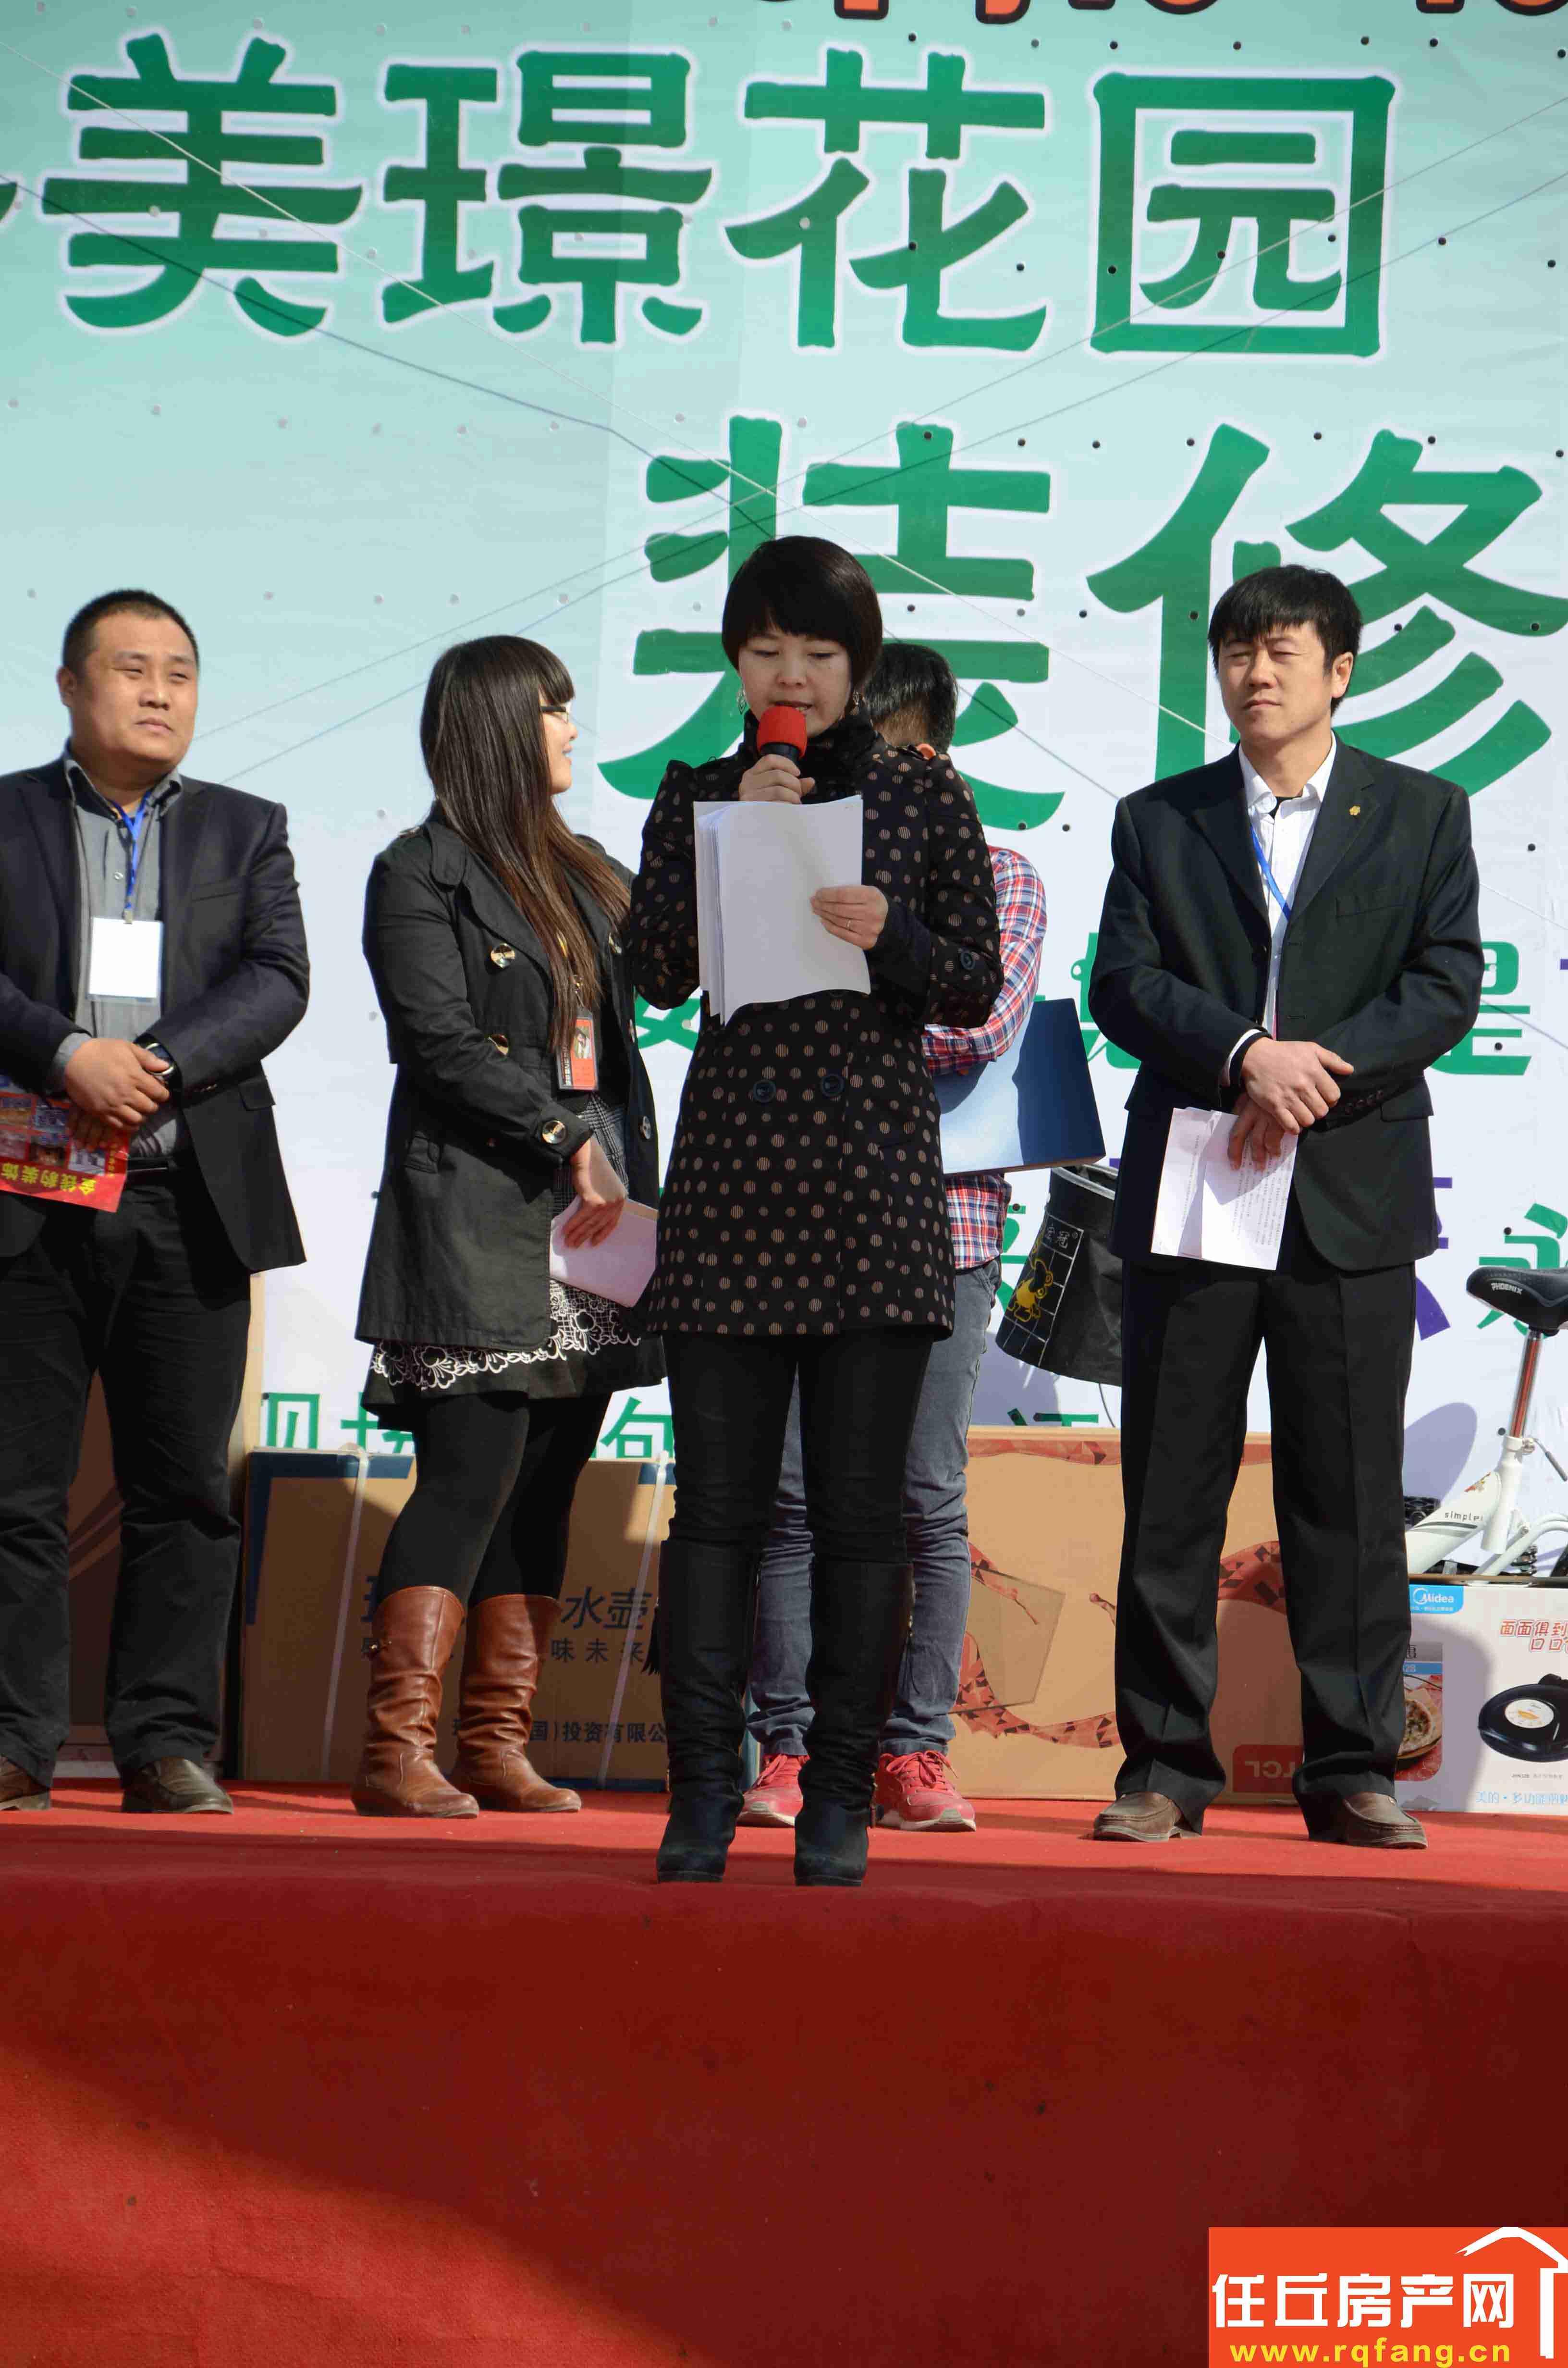 任丘市麻家务刘泊村人对抗银川市交警视频 _网络排行榜